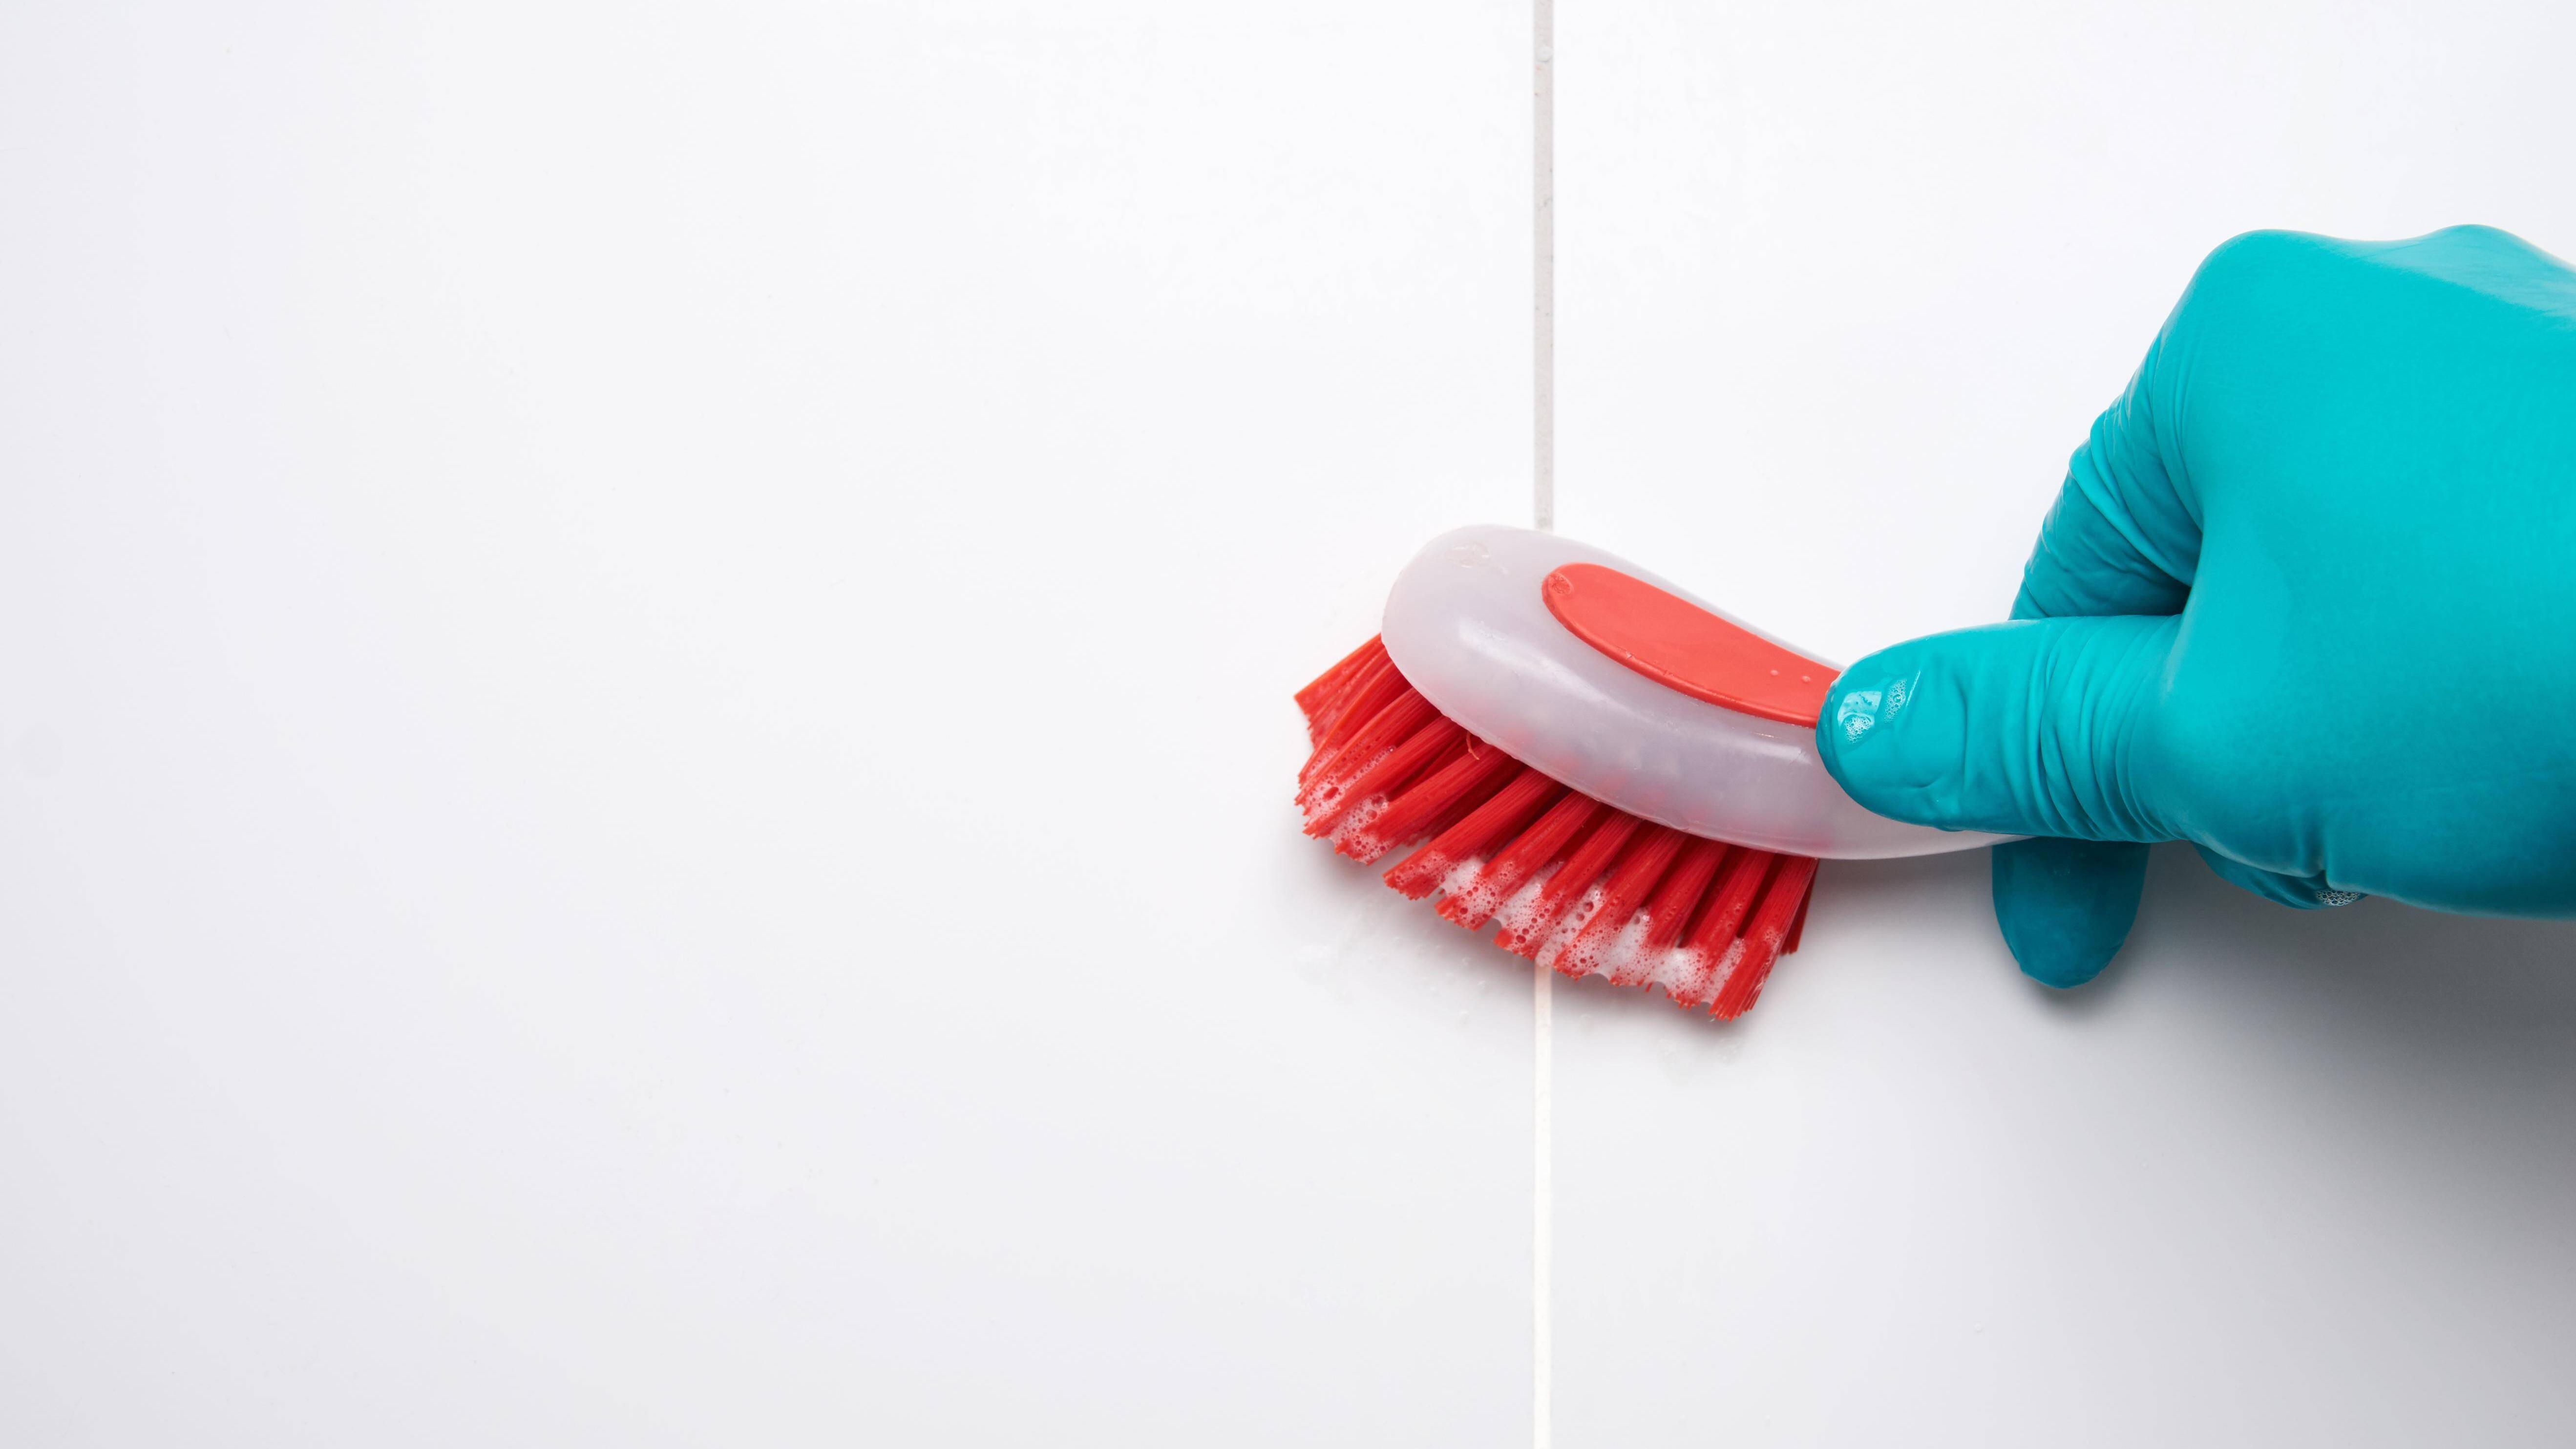 Mit Hausmitteln oder chemischen Reinigern entfernen Sie Schimmel auf Silikon.